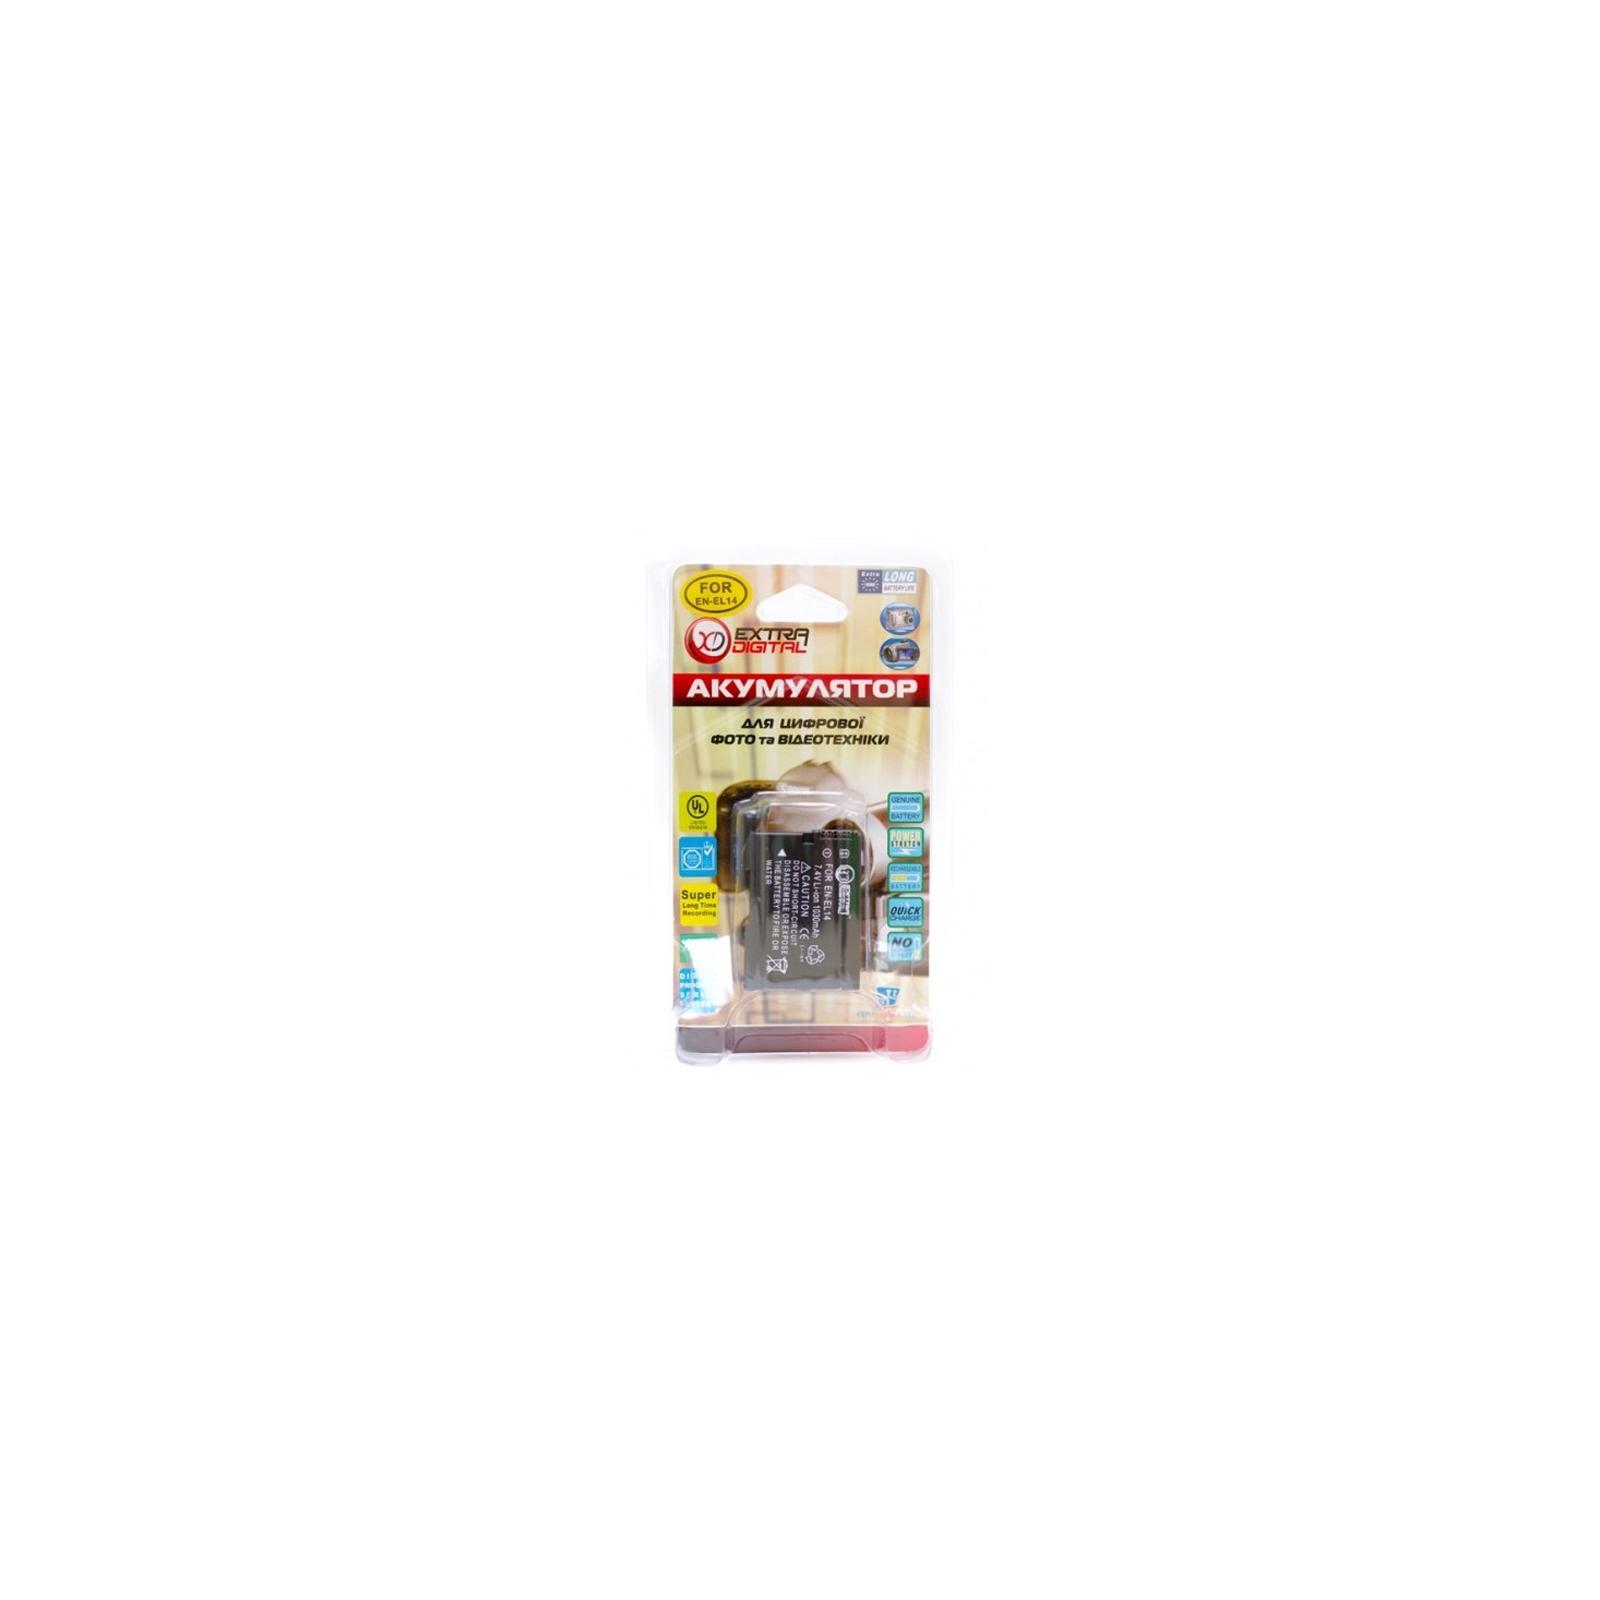 Аккумулятор к фото/видео EXTRADIGITAL Nikon EN-EL14 (DV00DV1329) изображение 3